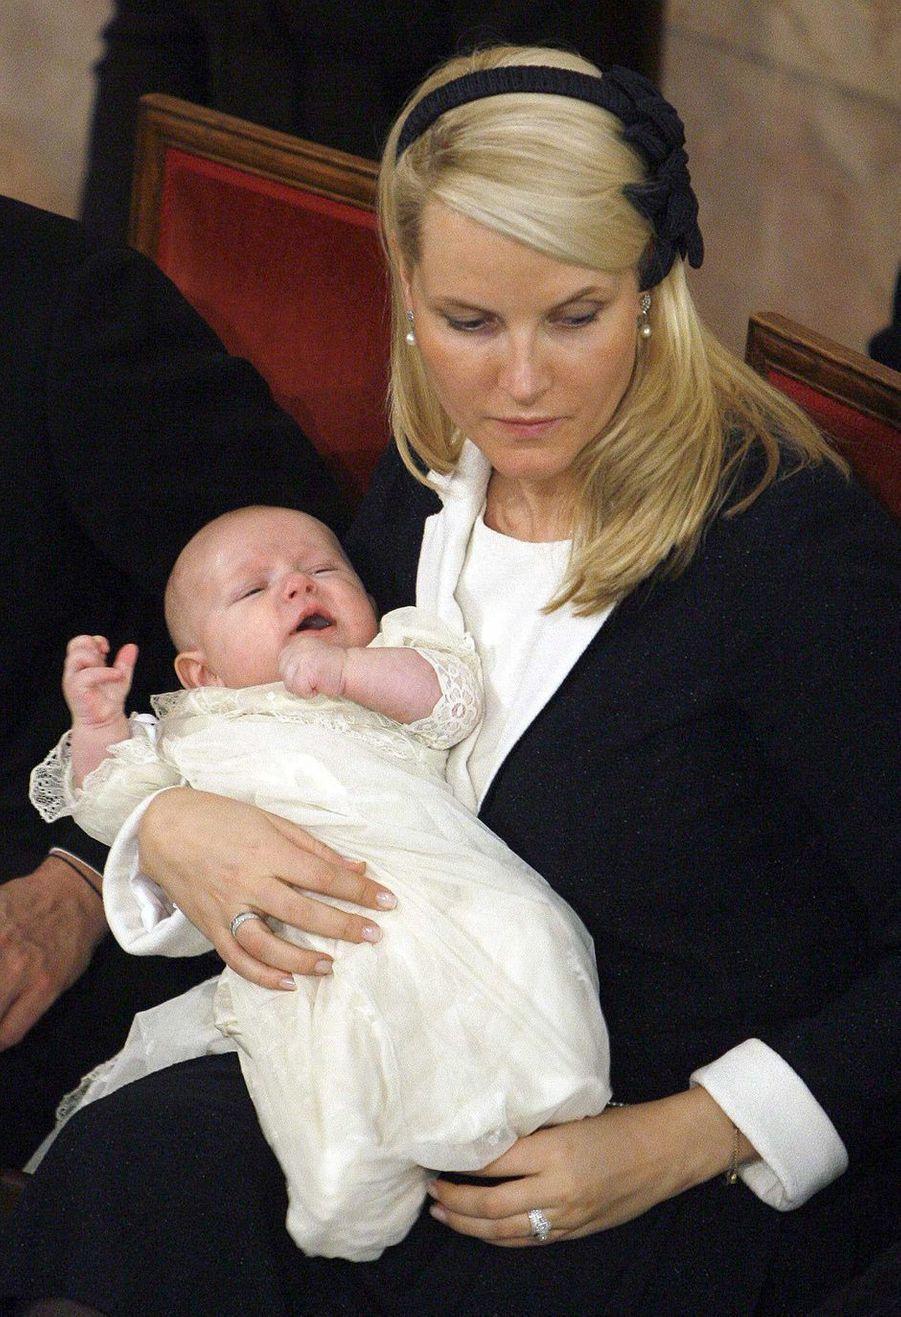 Le prince Sverre Magnus de Norvège, le 4 mars 2006, jour de son baptême, avec sa mère la princesse Mette-Marit